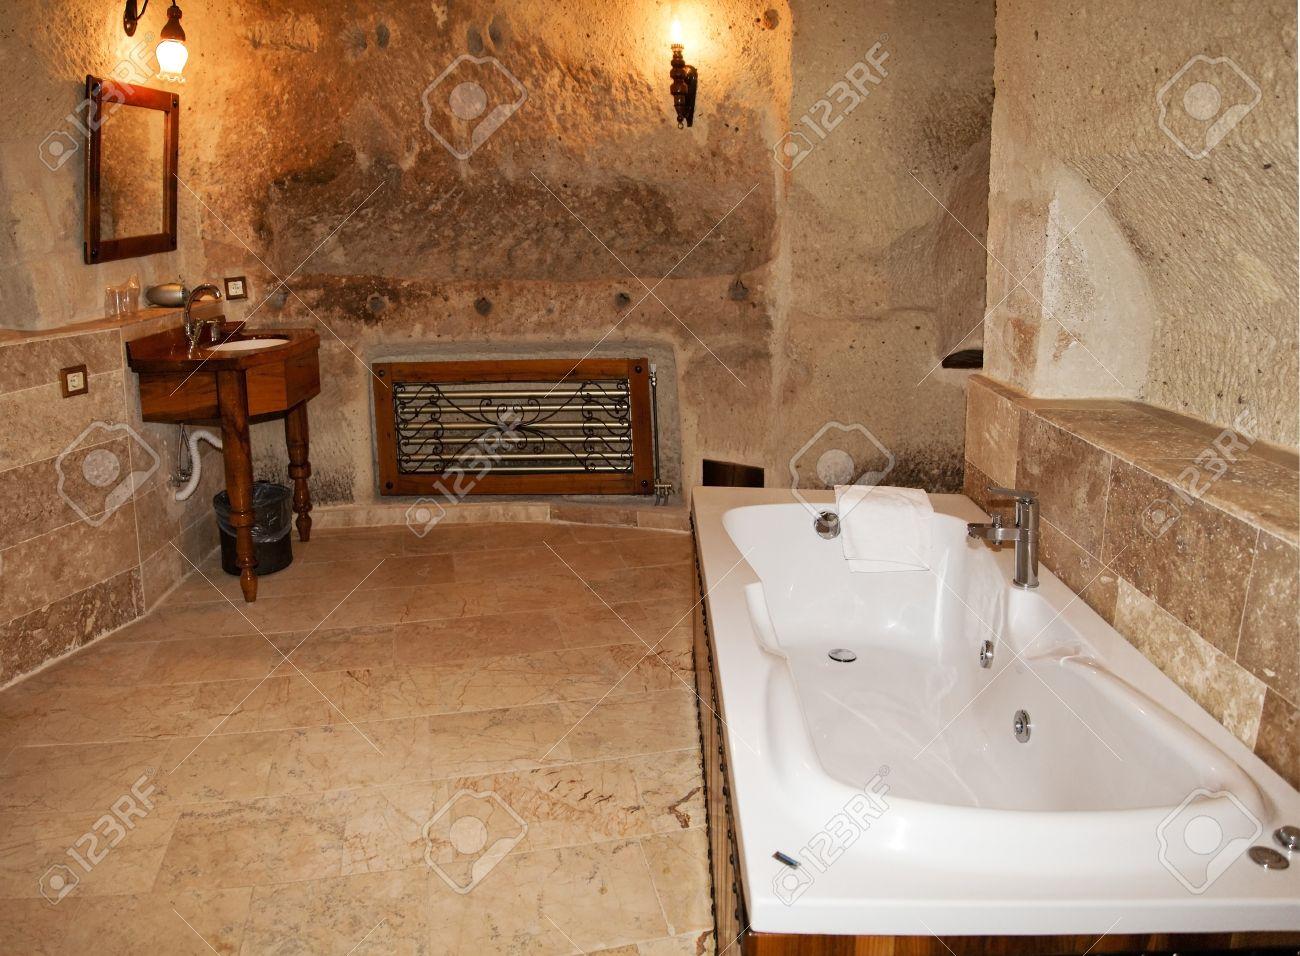 aménagement de salle de bain avec carrelage en marbre montrant